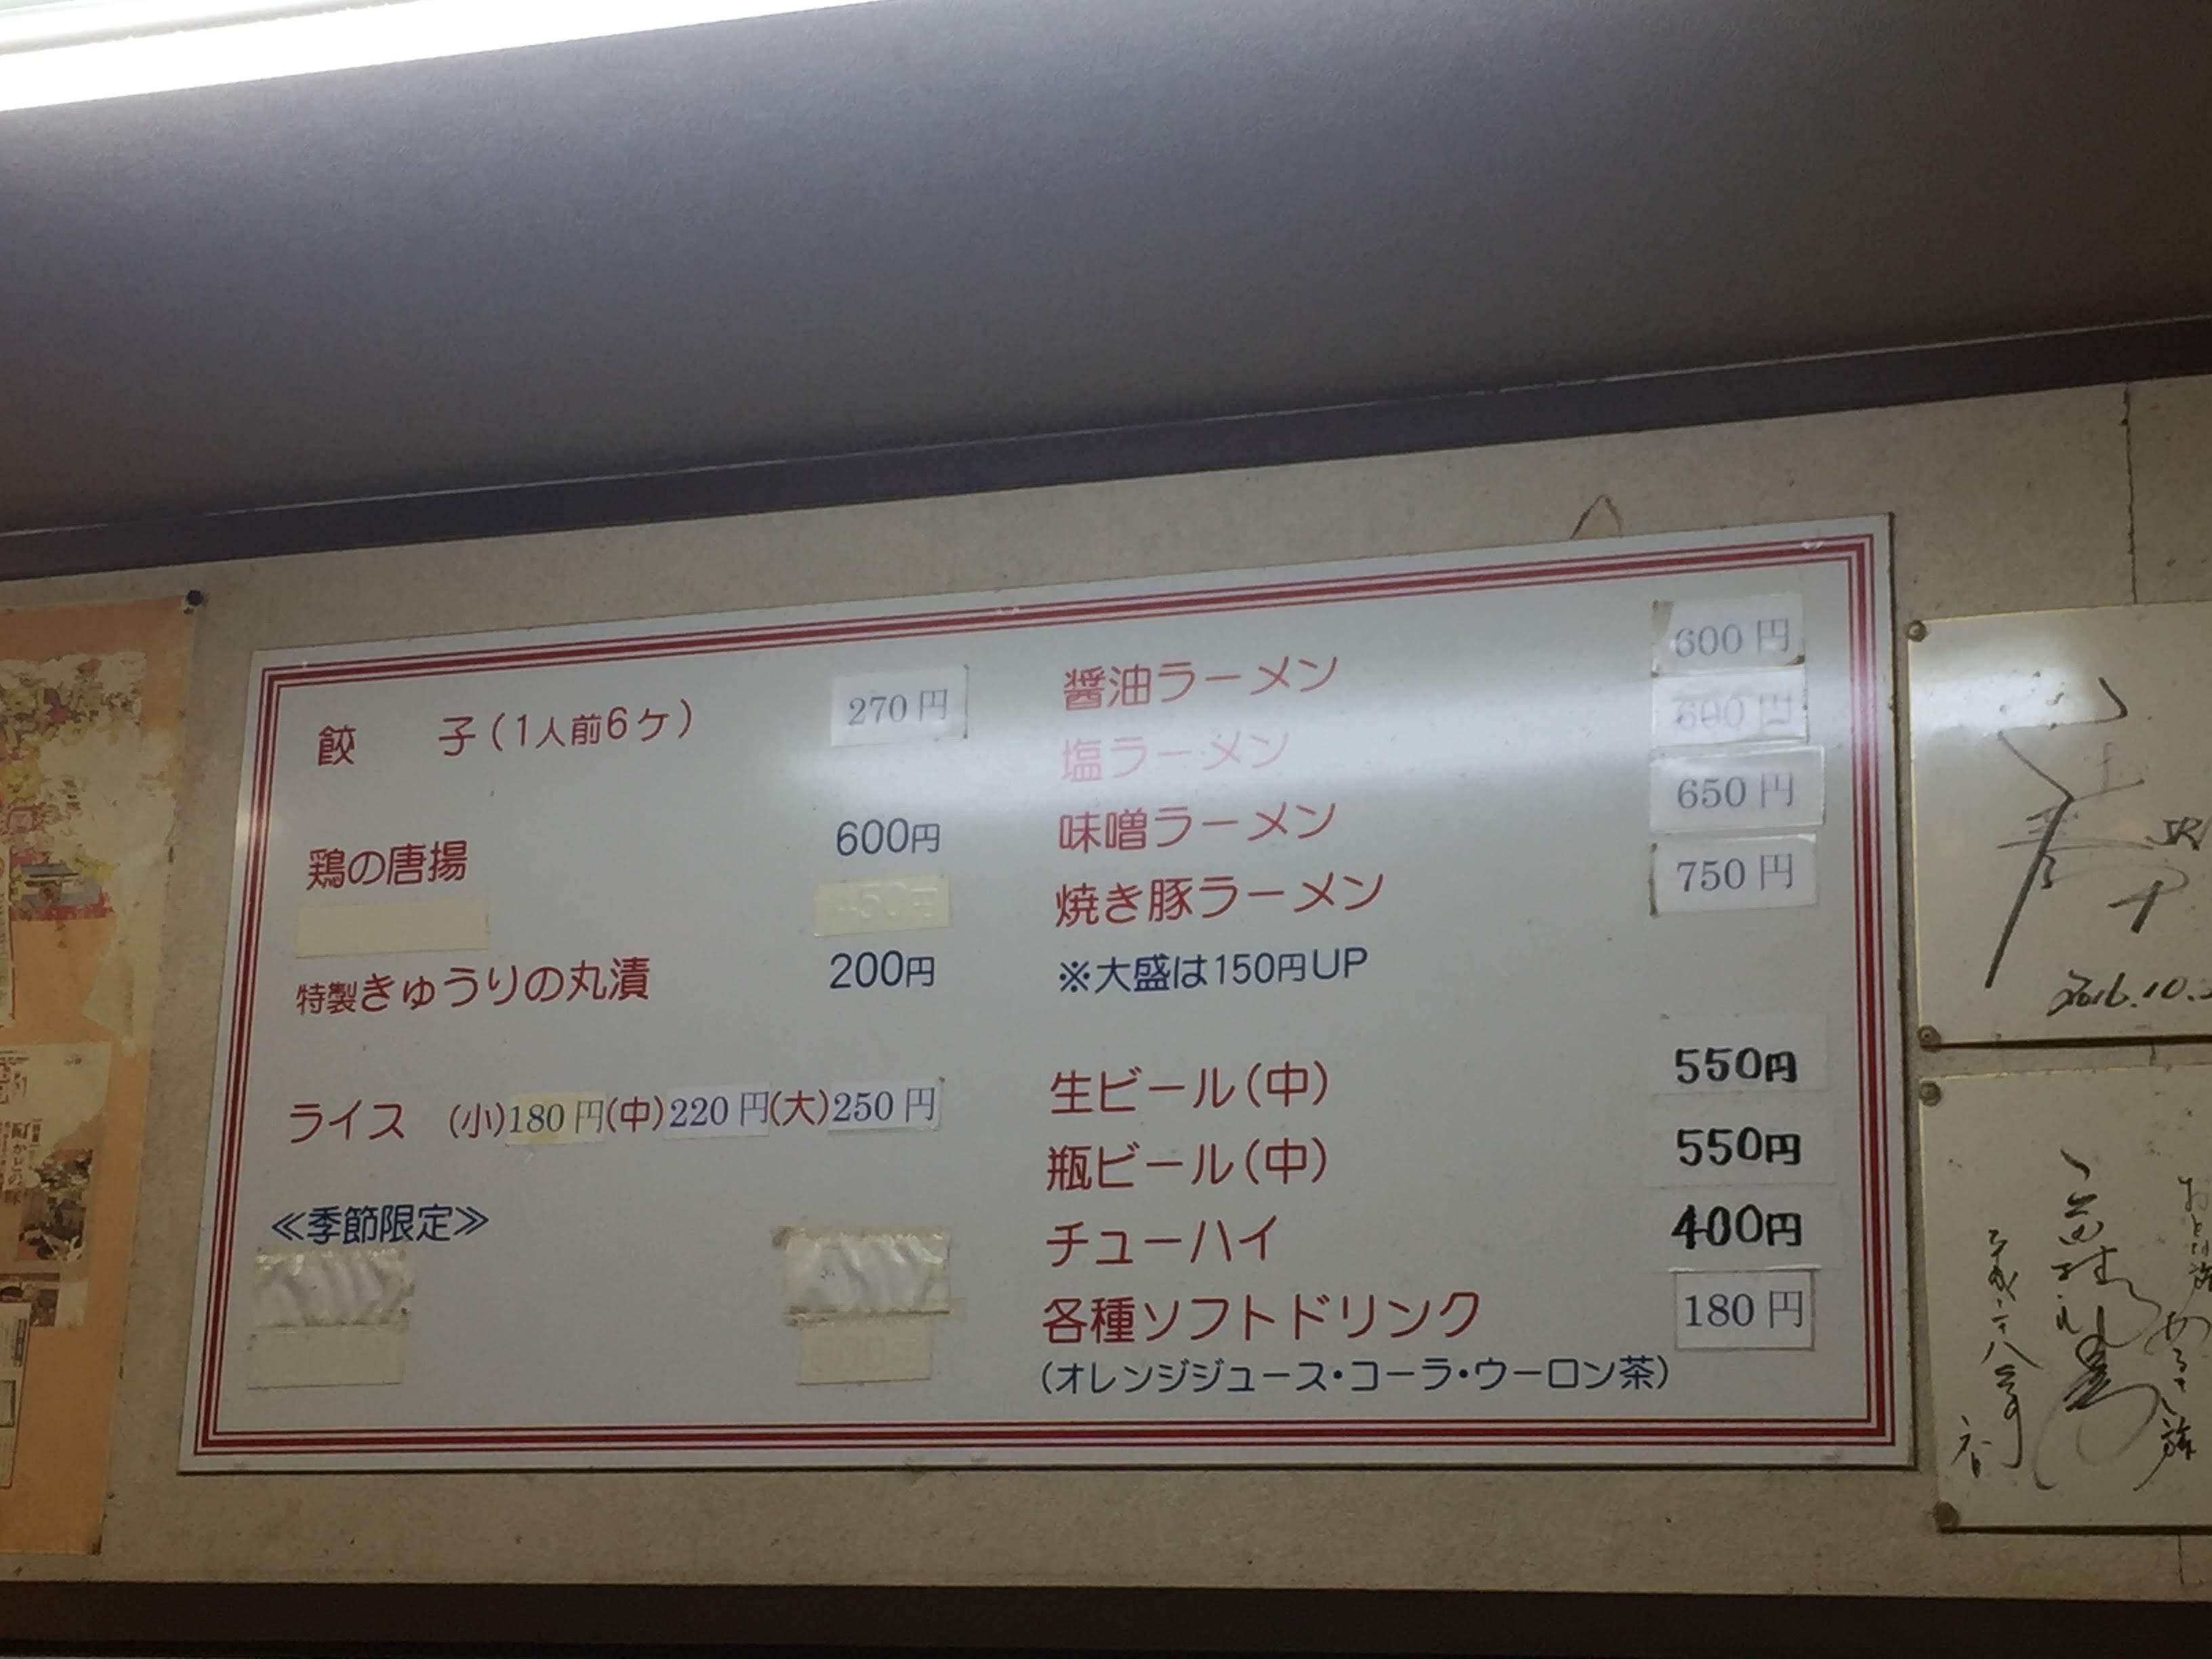 ミスター・ギョーザ 東寺 餃子 メニュー